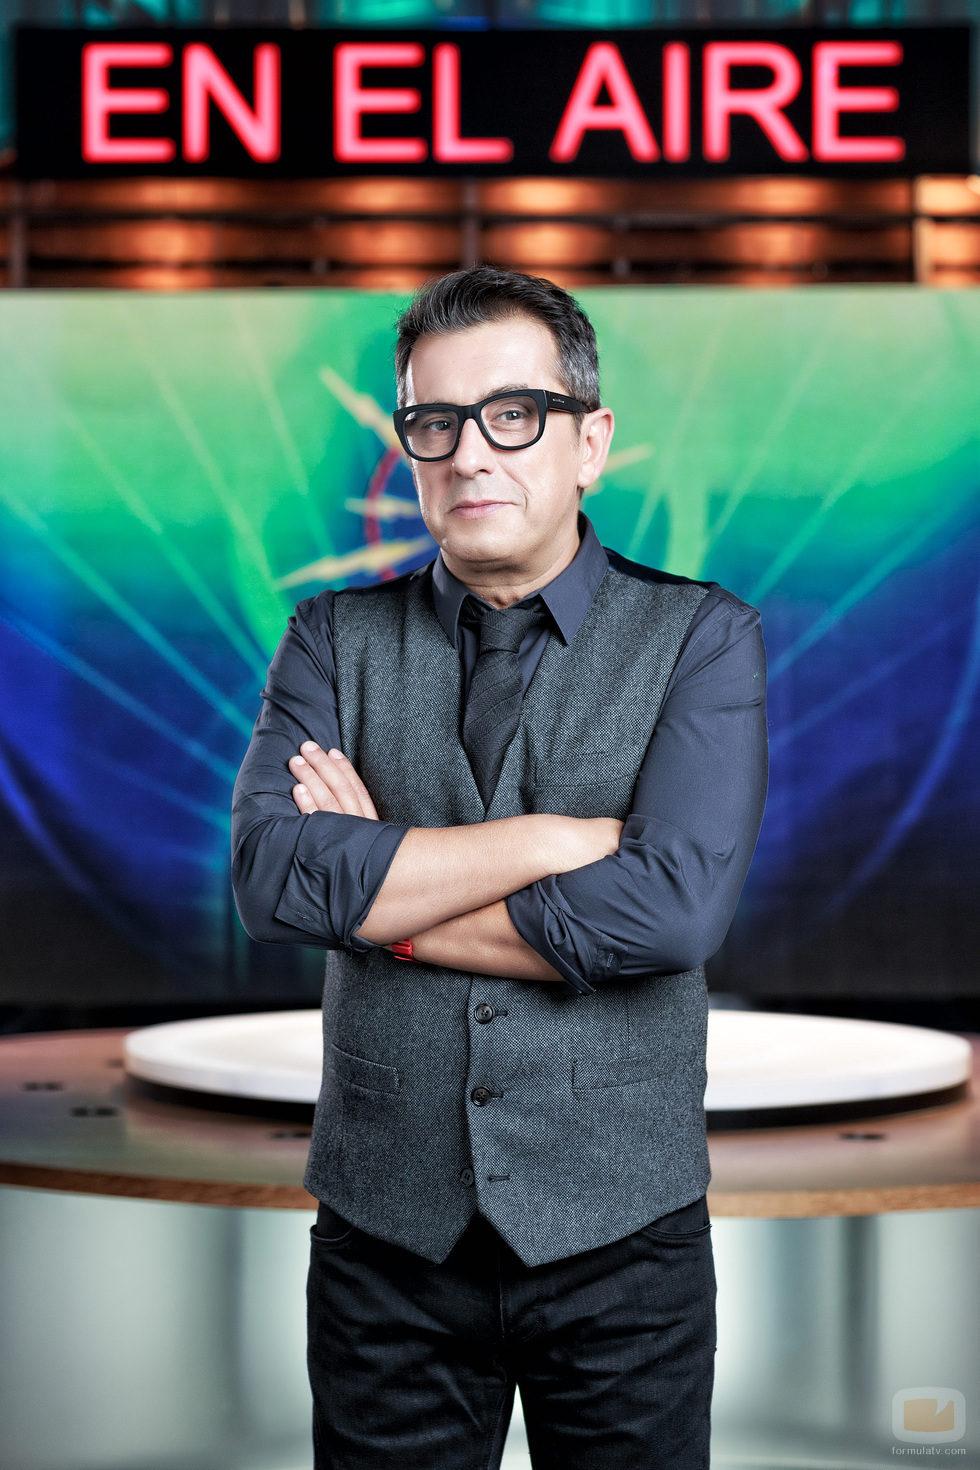 Un ecuatoriano es el presentador de TV que más